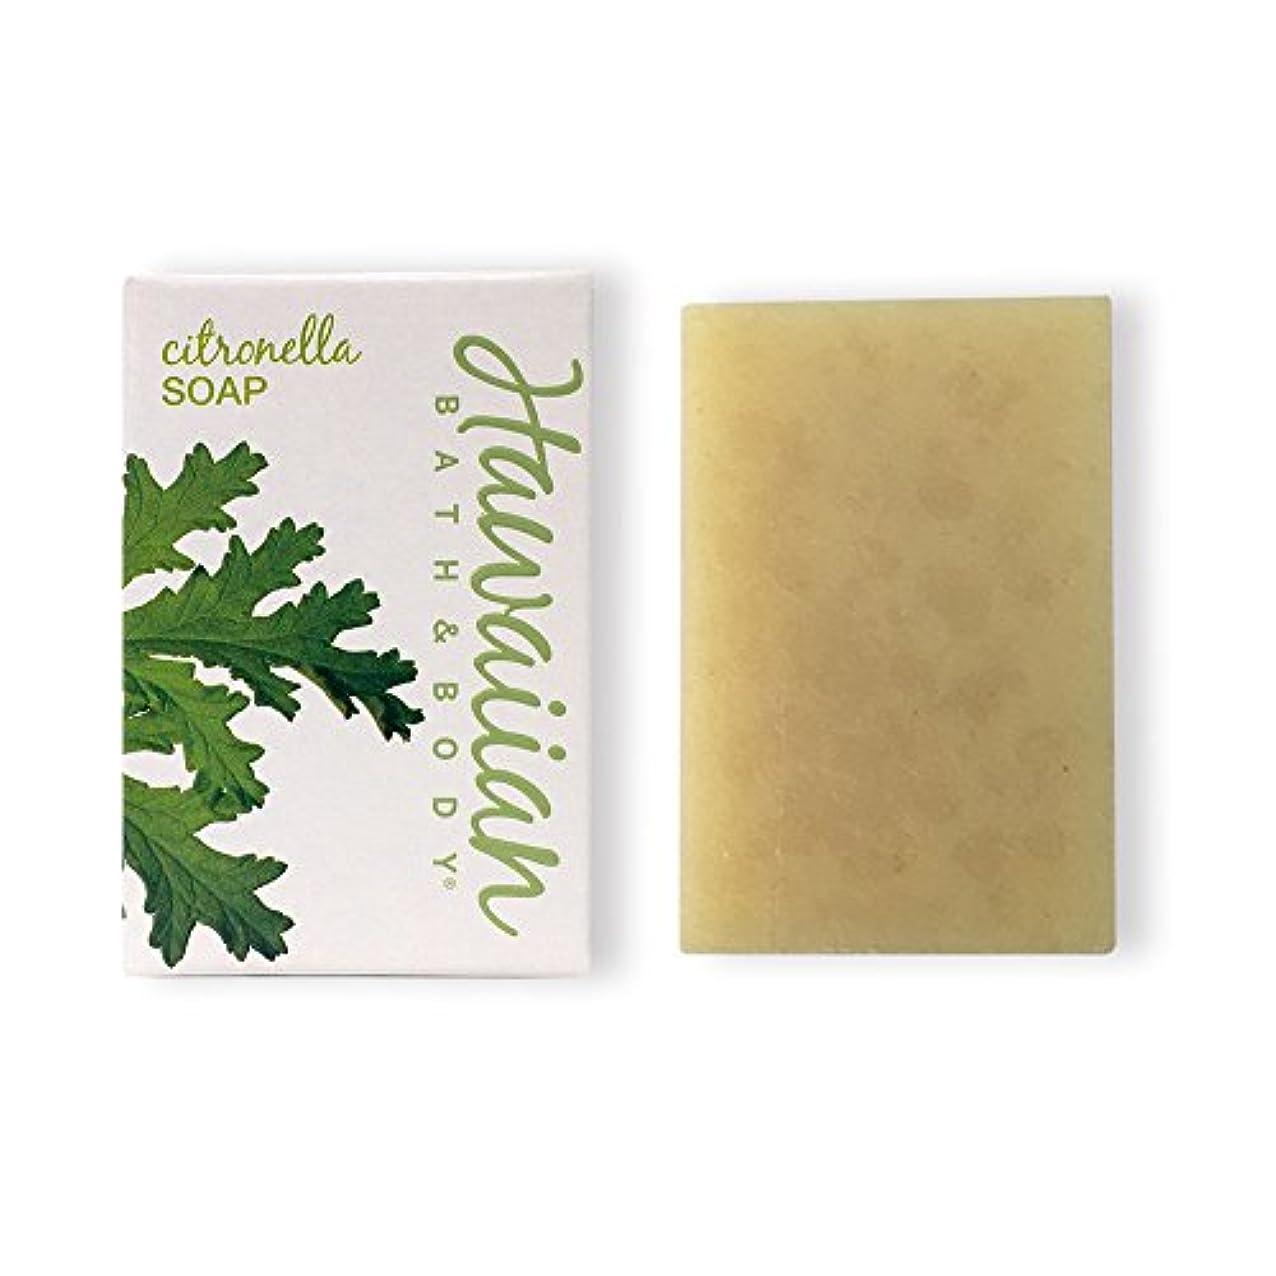 短くするペリスコープスカウトハワイアンバス&ボディ シトロネラソープ(ビーチバー)( Citronella Soap )